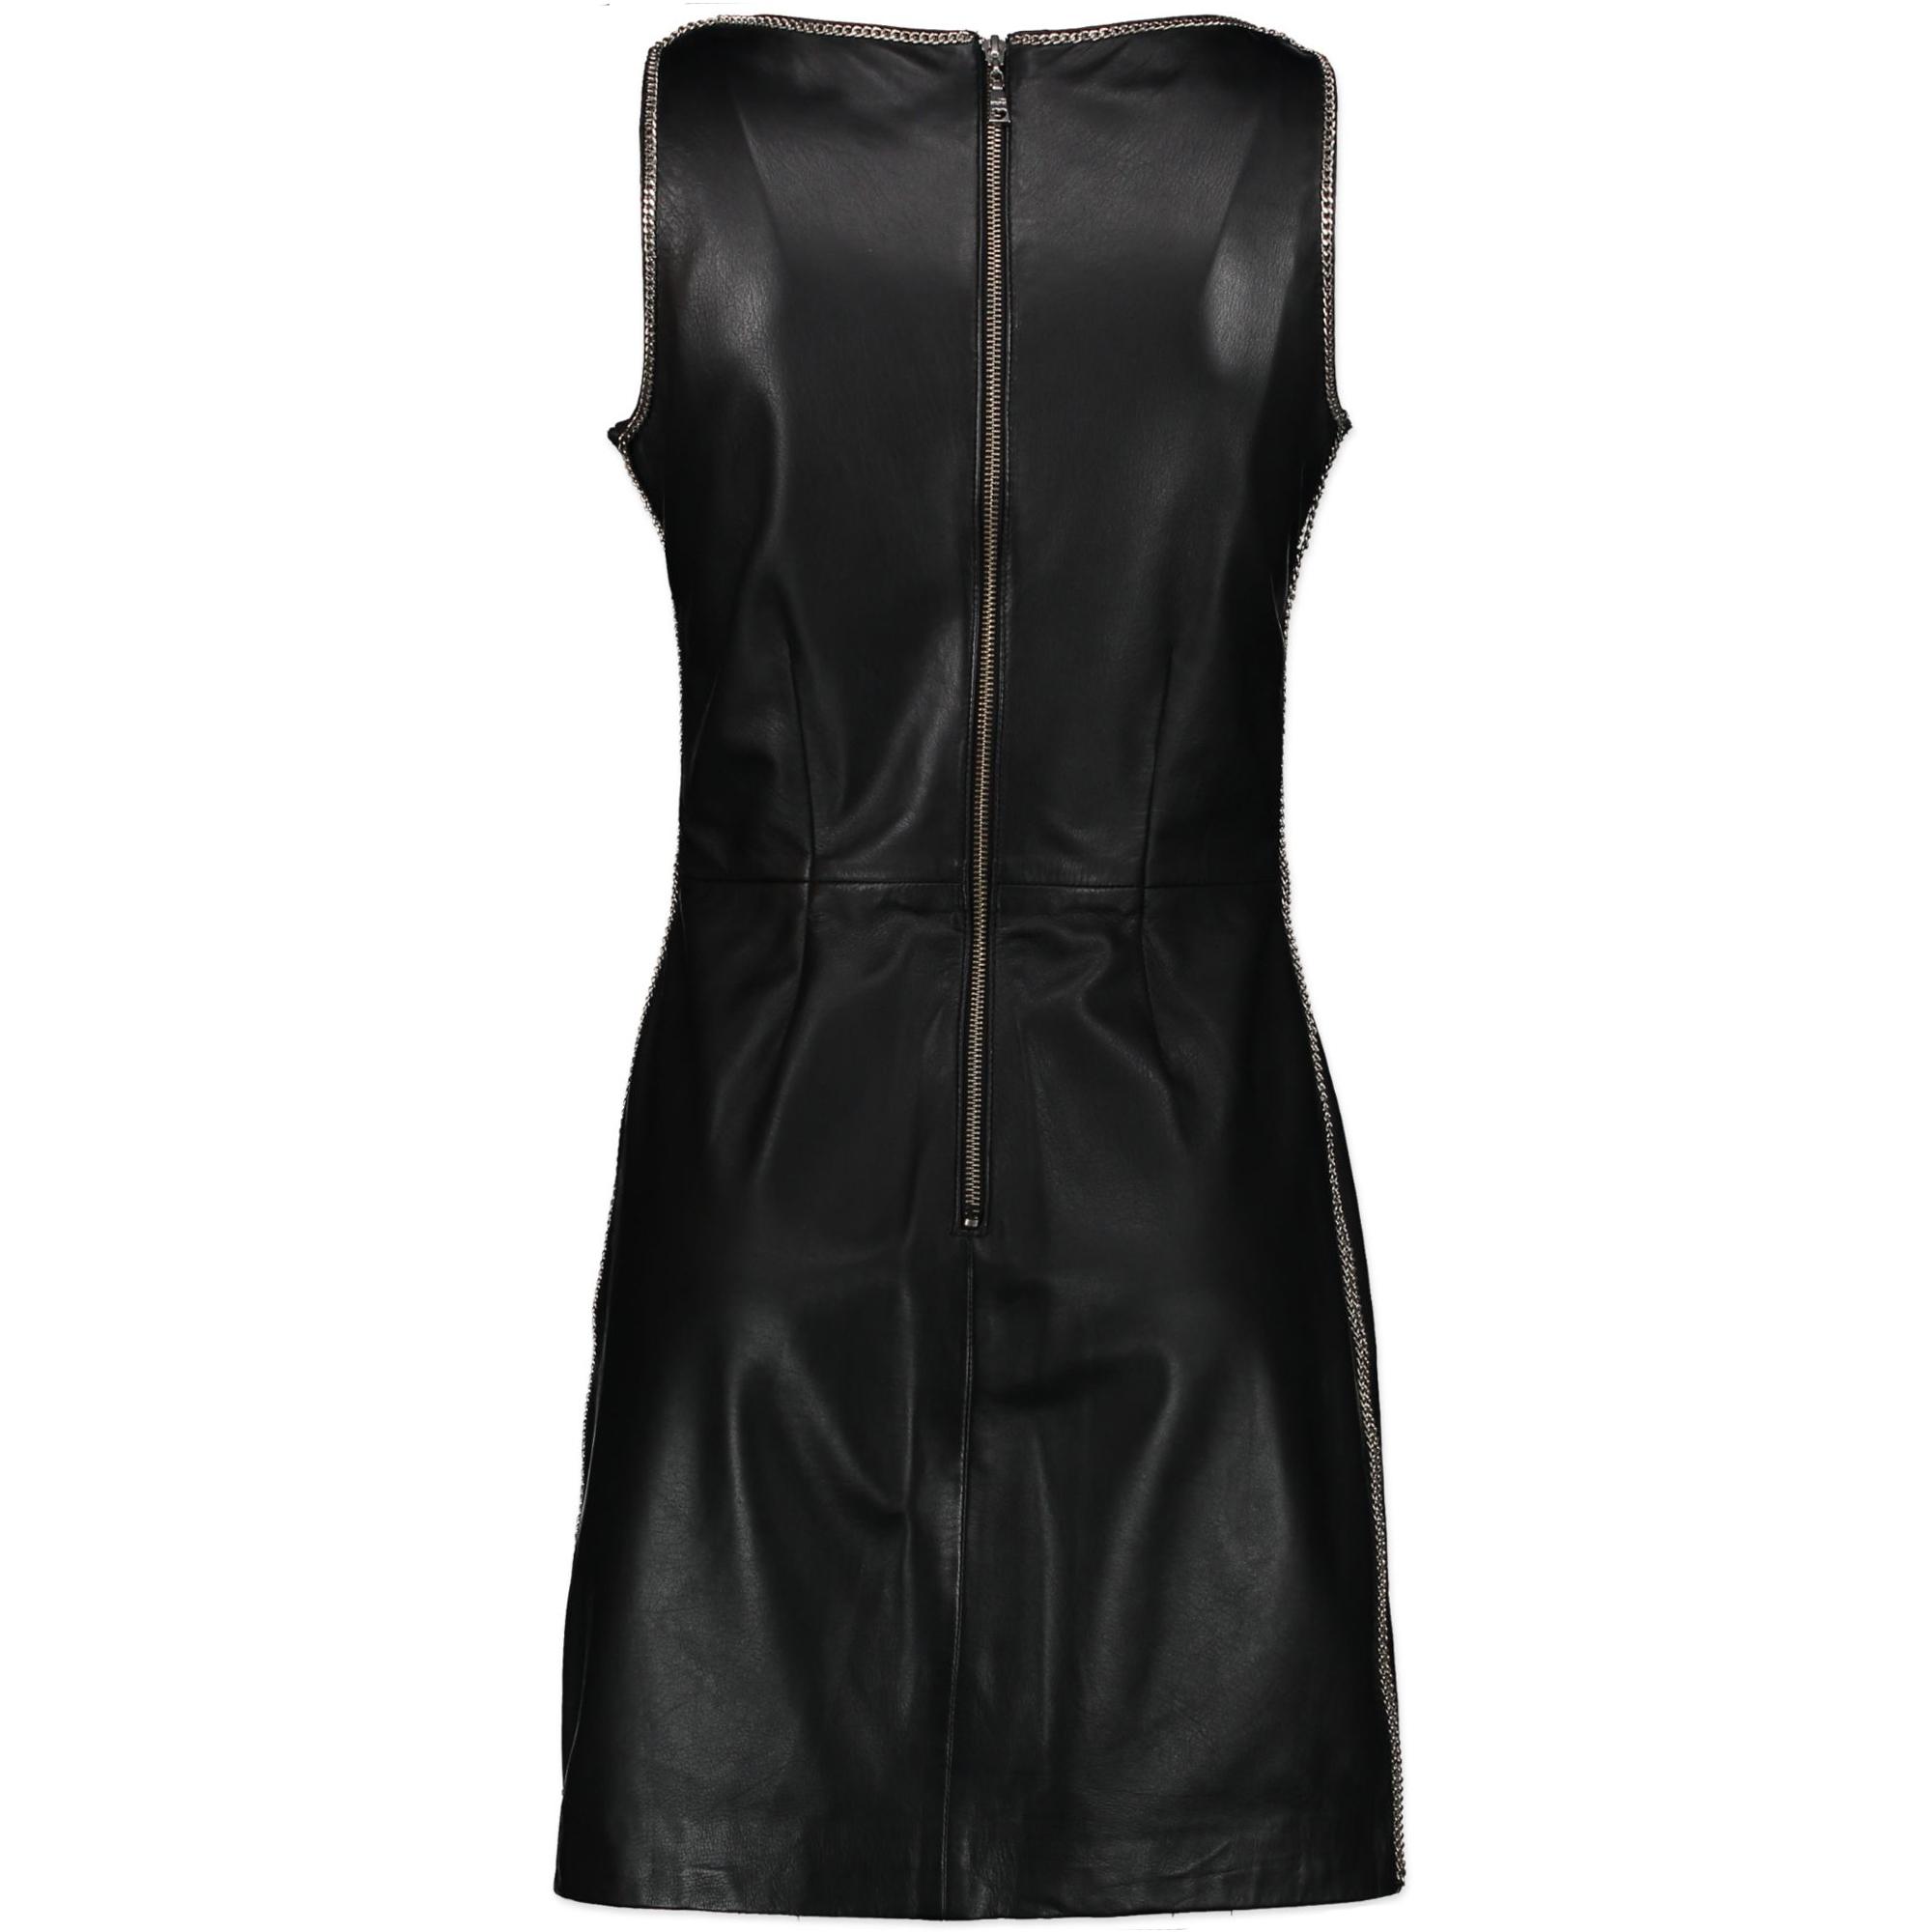 Love Moschino Leather Dress te koop bij Labellov tweedehands luxe